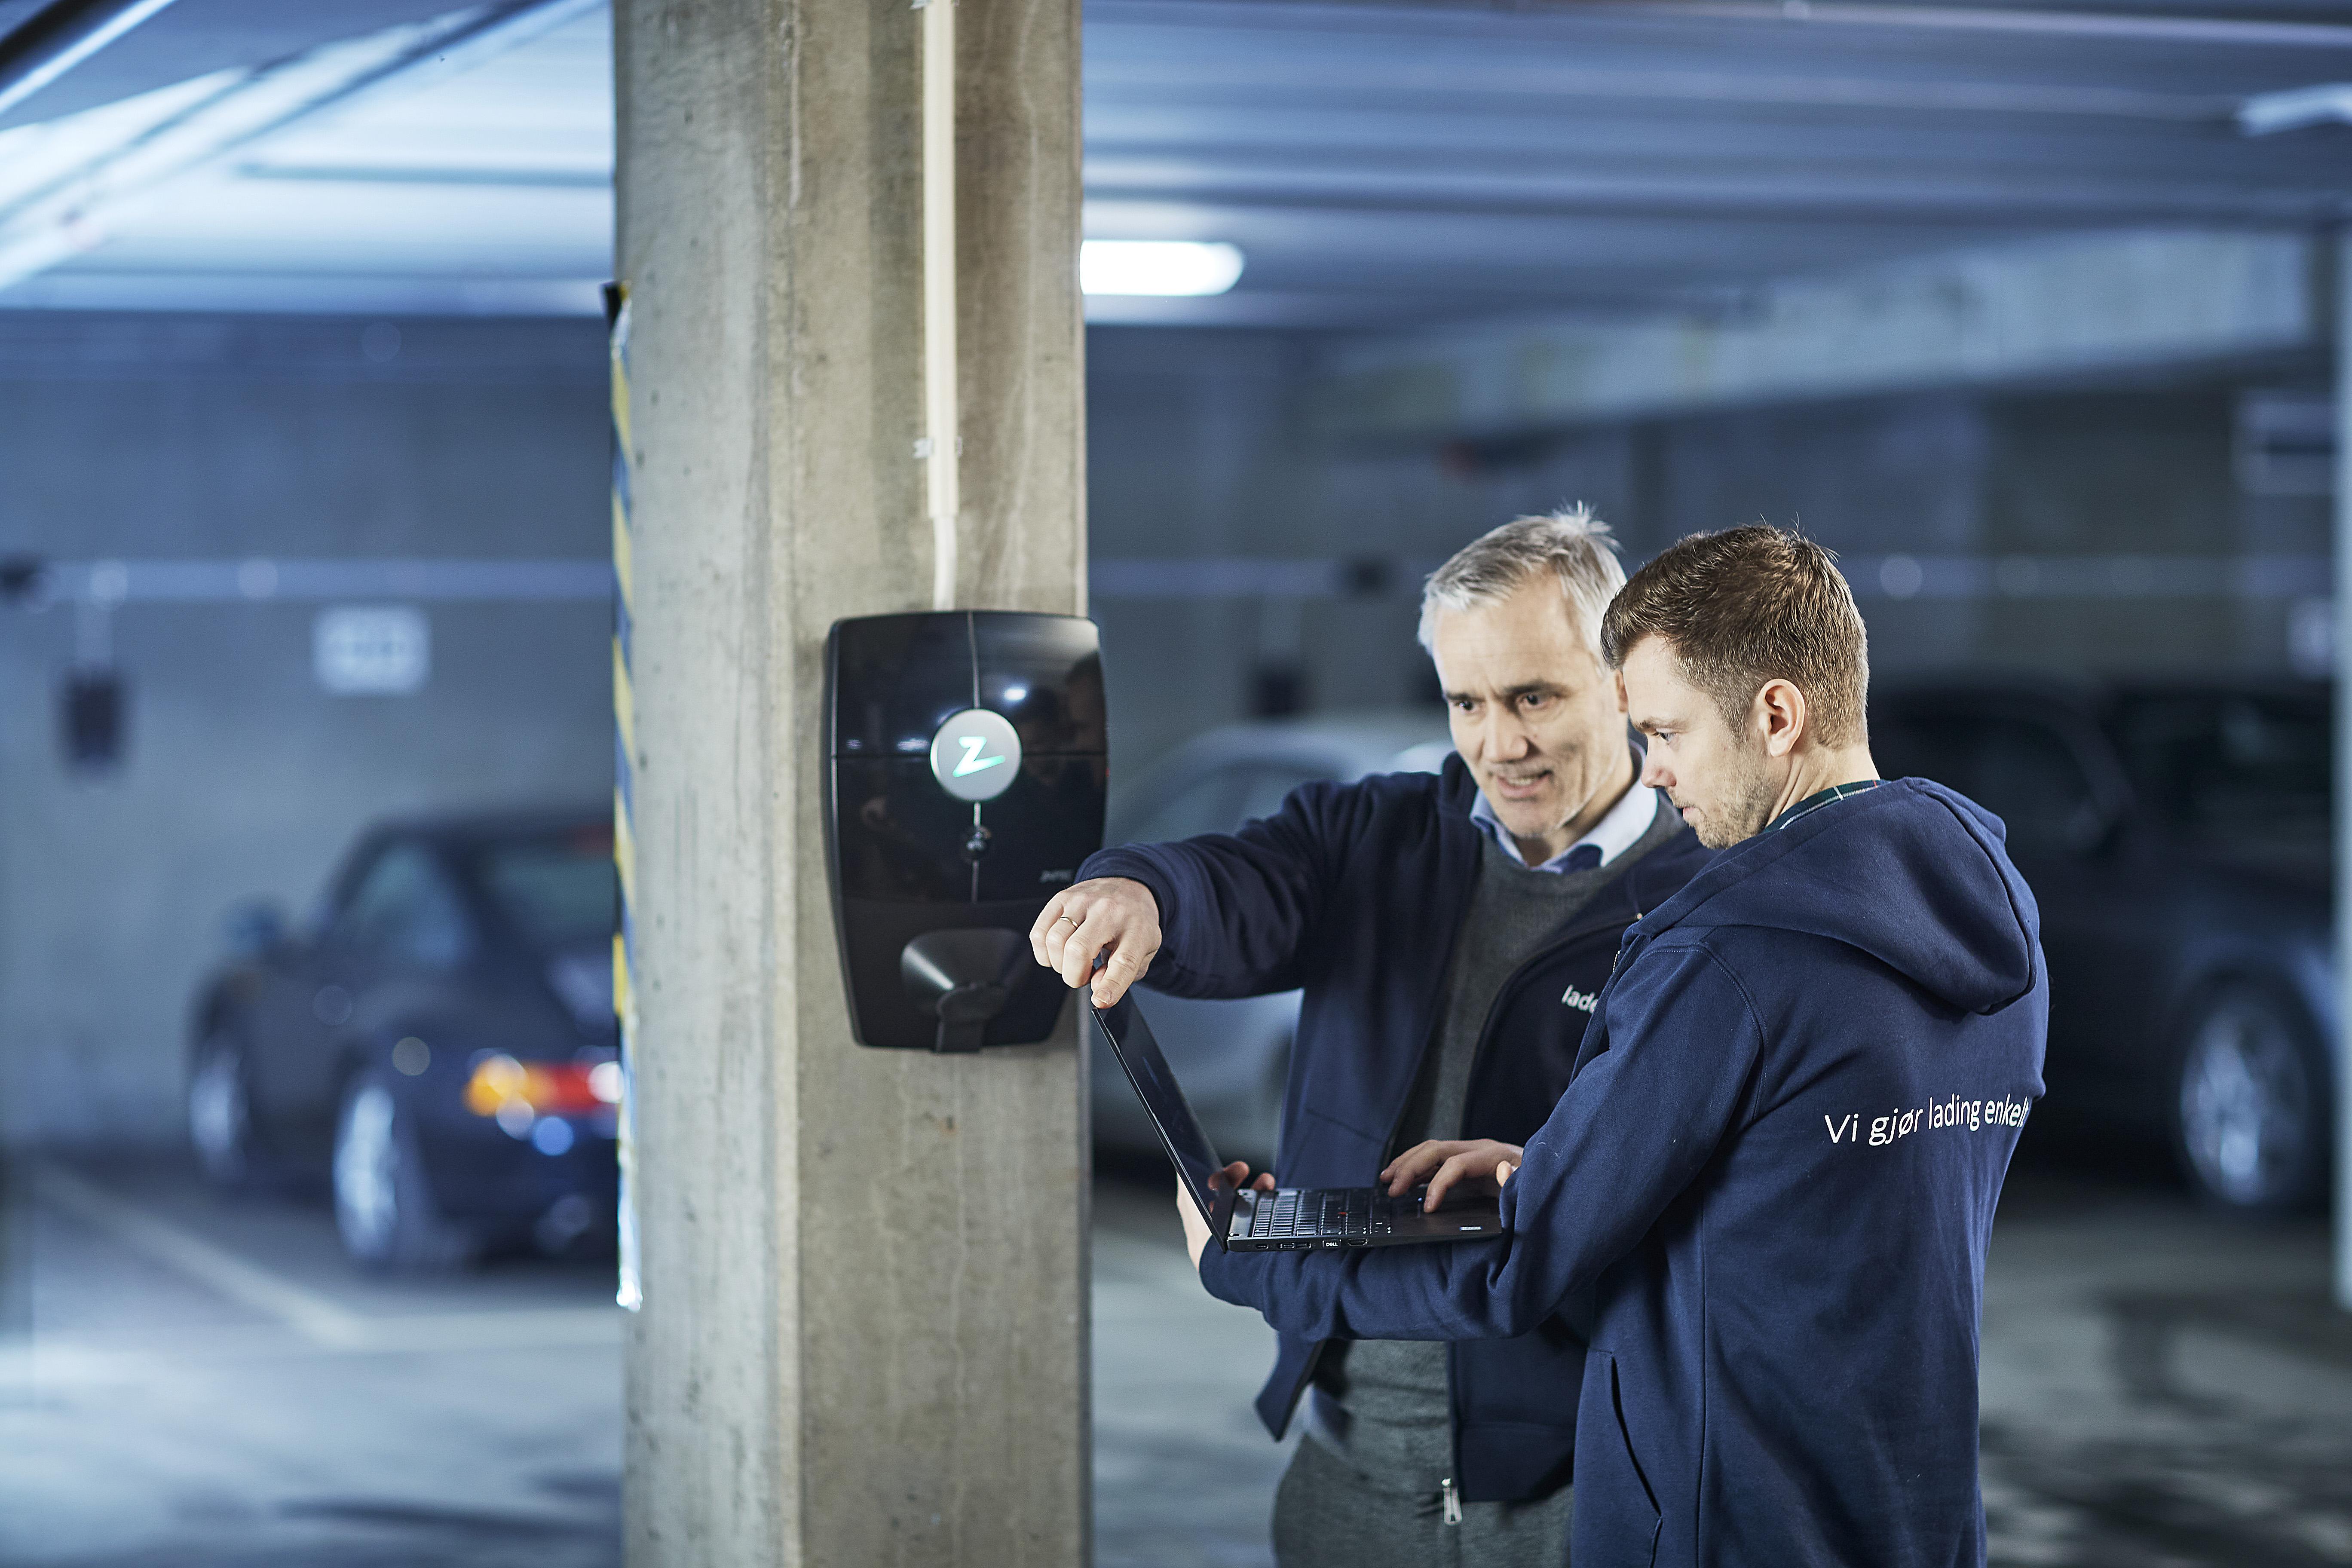 To Ladeklar installatører som kontrollerer en ladeboks i en garasjekjeller